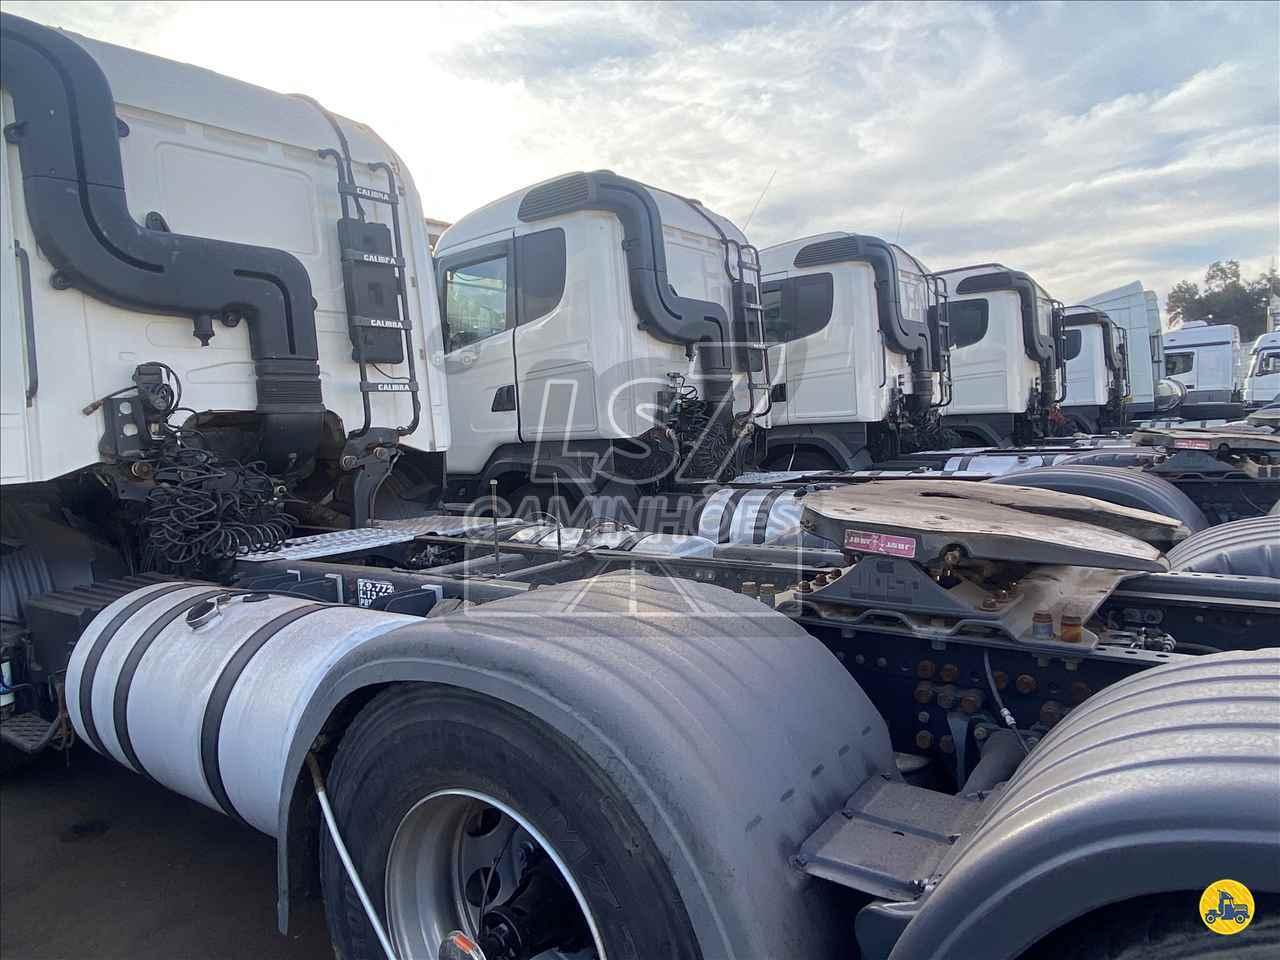 SCANIA 440 de LS 7 Caminhões - LIMEIRA/SP